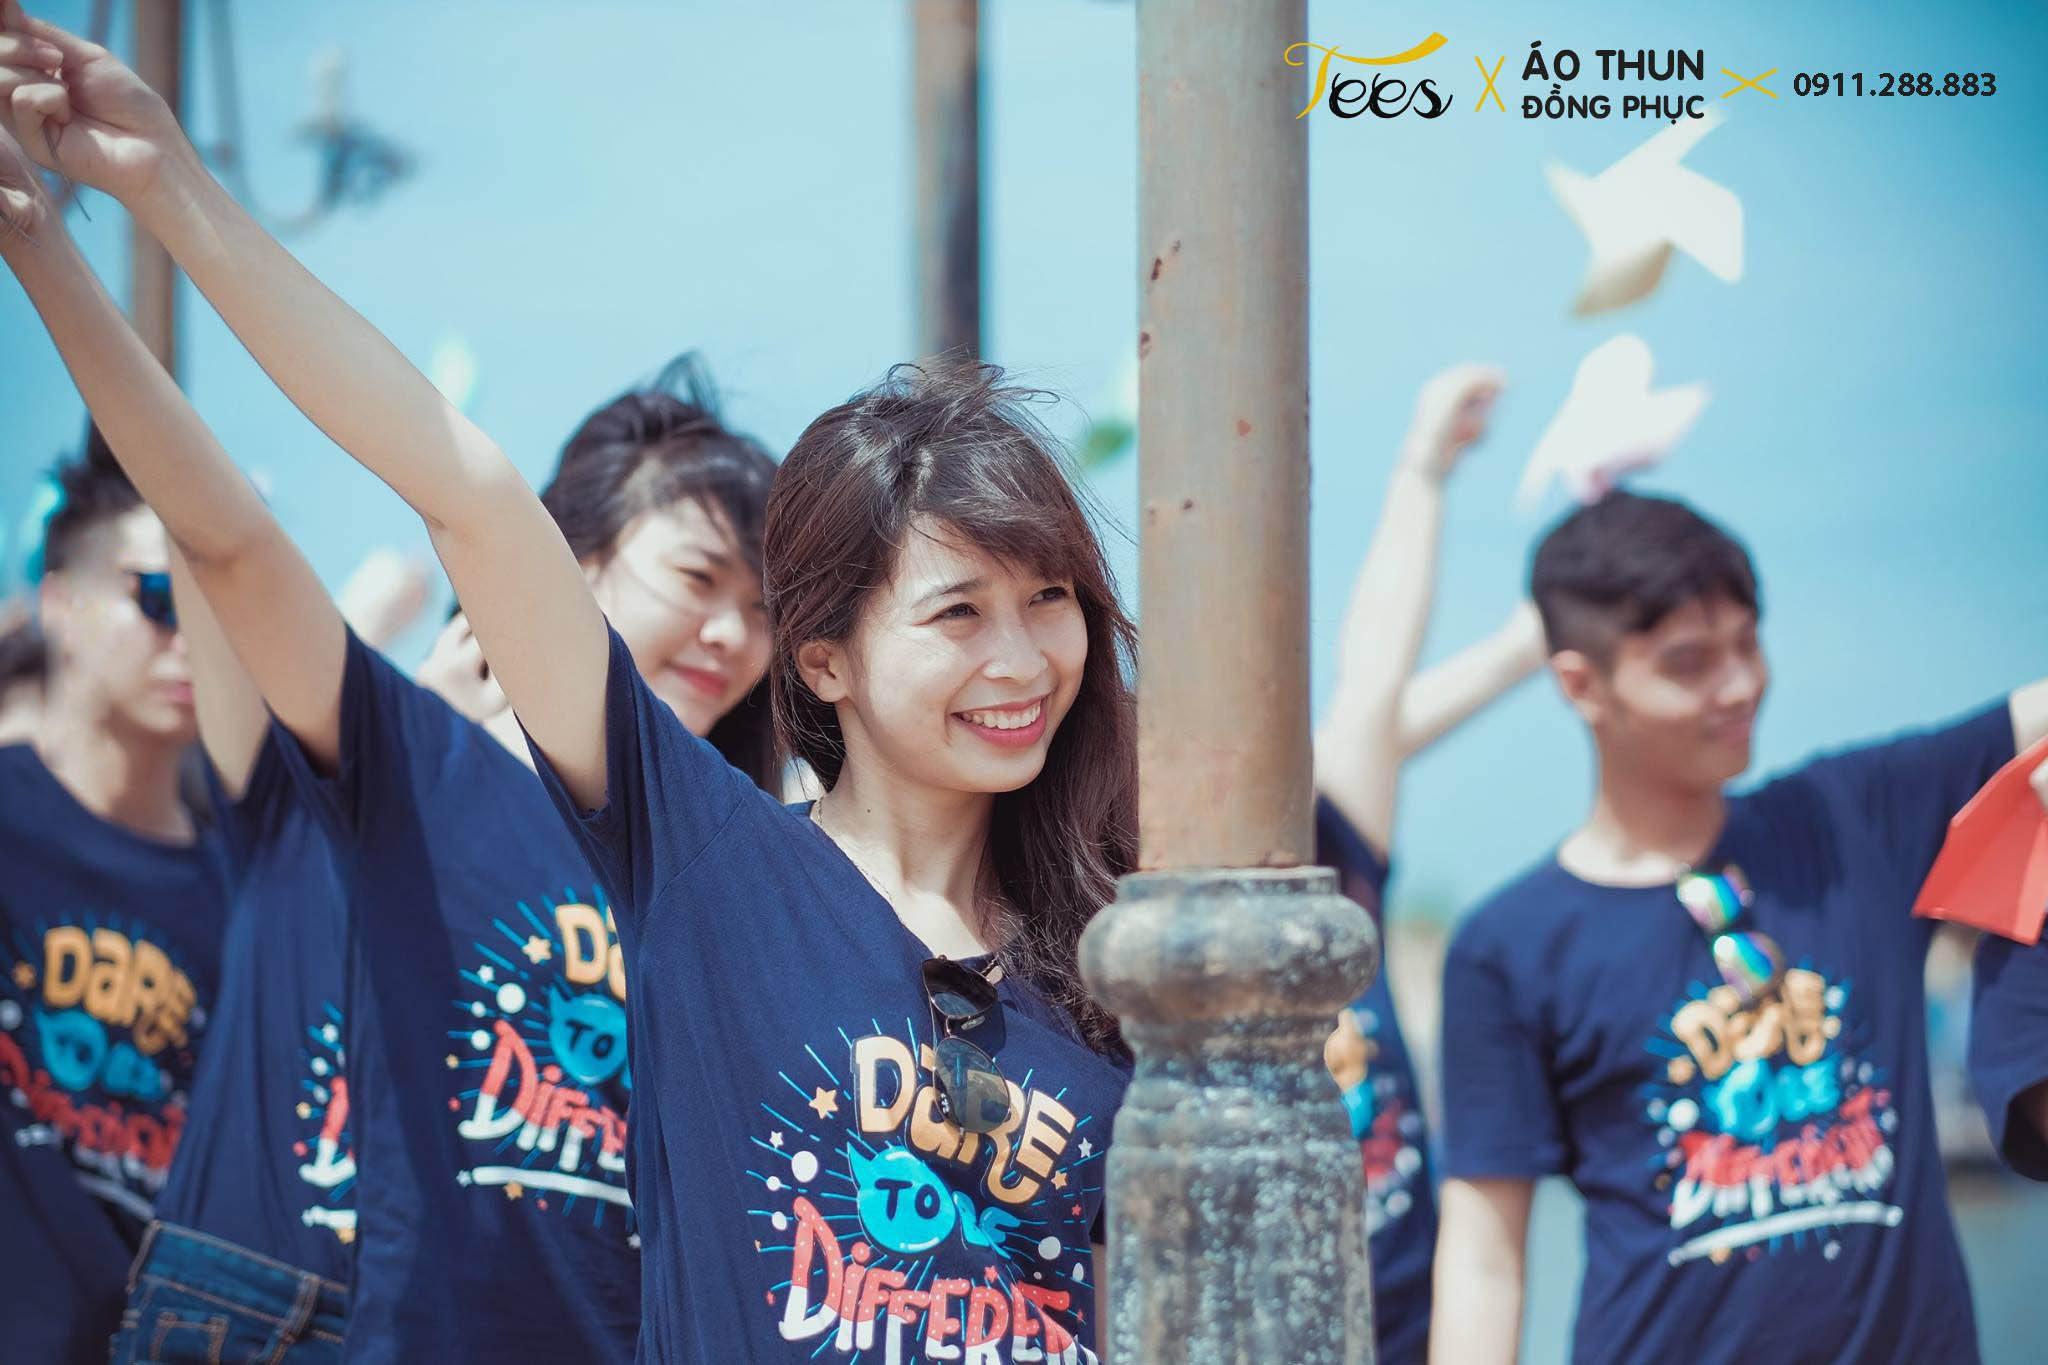 Ấn tượng áo thun lớp 12D3 trường THPT Trấn Biên